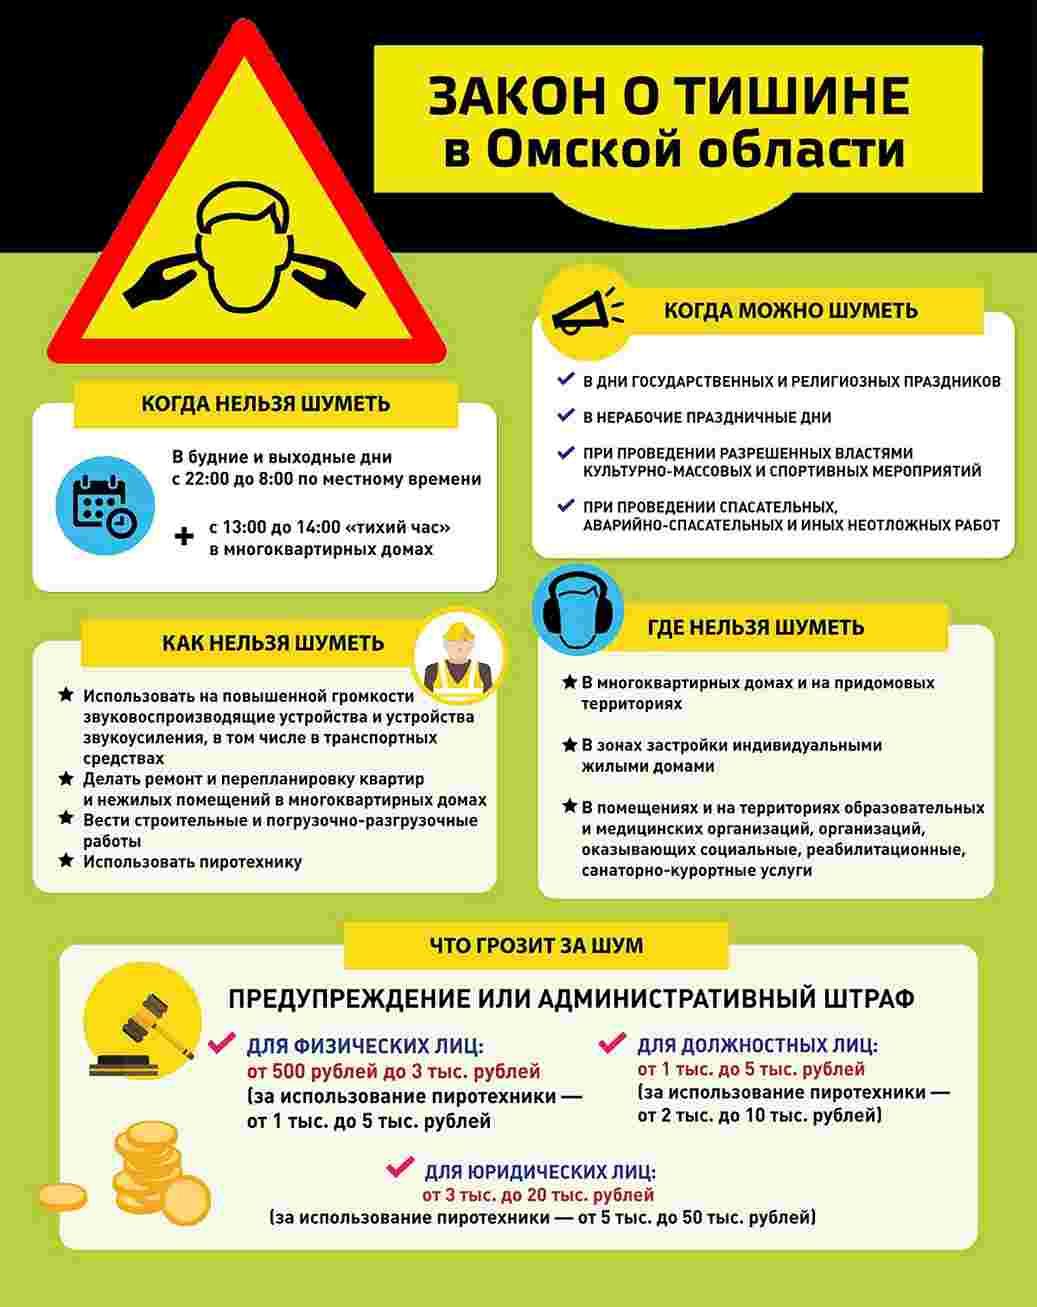 zakon o tishine v omske i omskoj oblasti tekst oficialnogo sajta